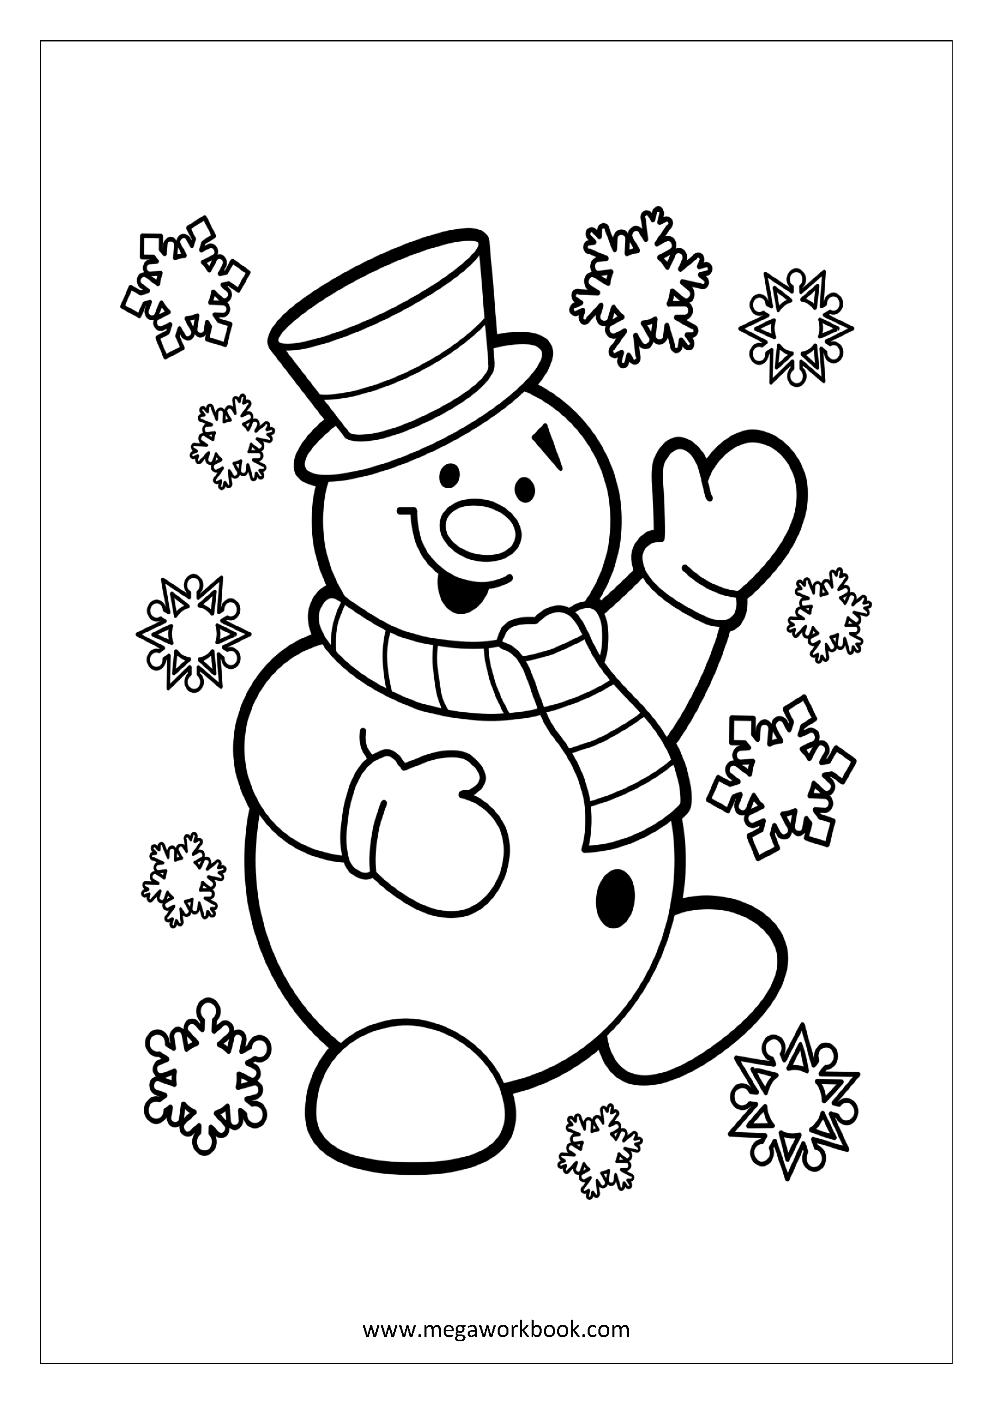 Tipss Und Vorlagen Winter Und Schnee Weihnachten Malvorlagen Weihnachtsmalvorlagen Malvorlagen Weihnachten Malbuch Vorlagen